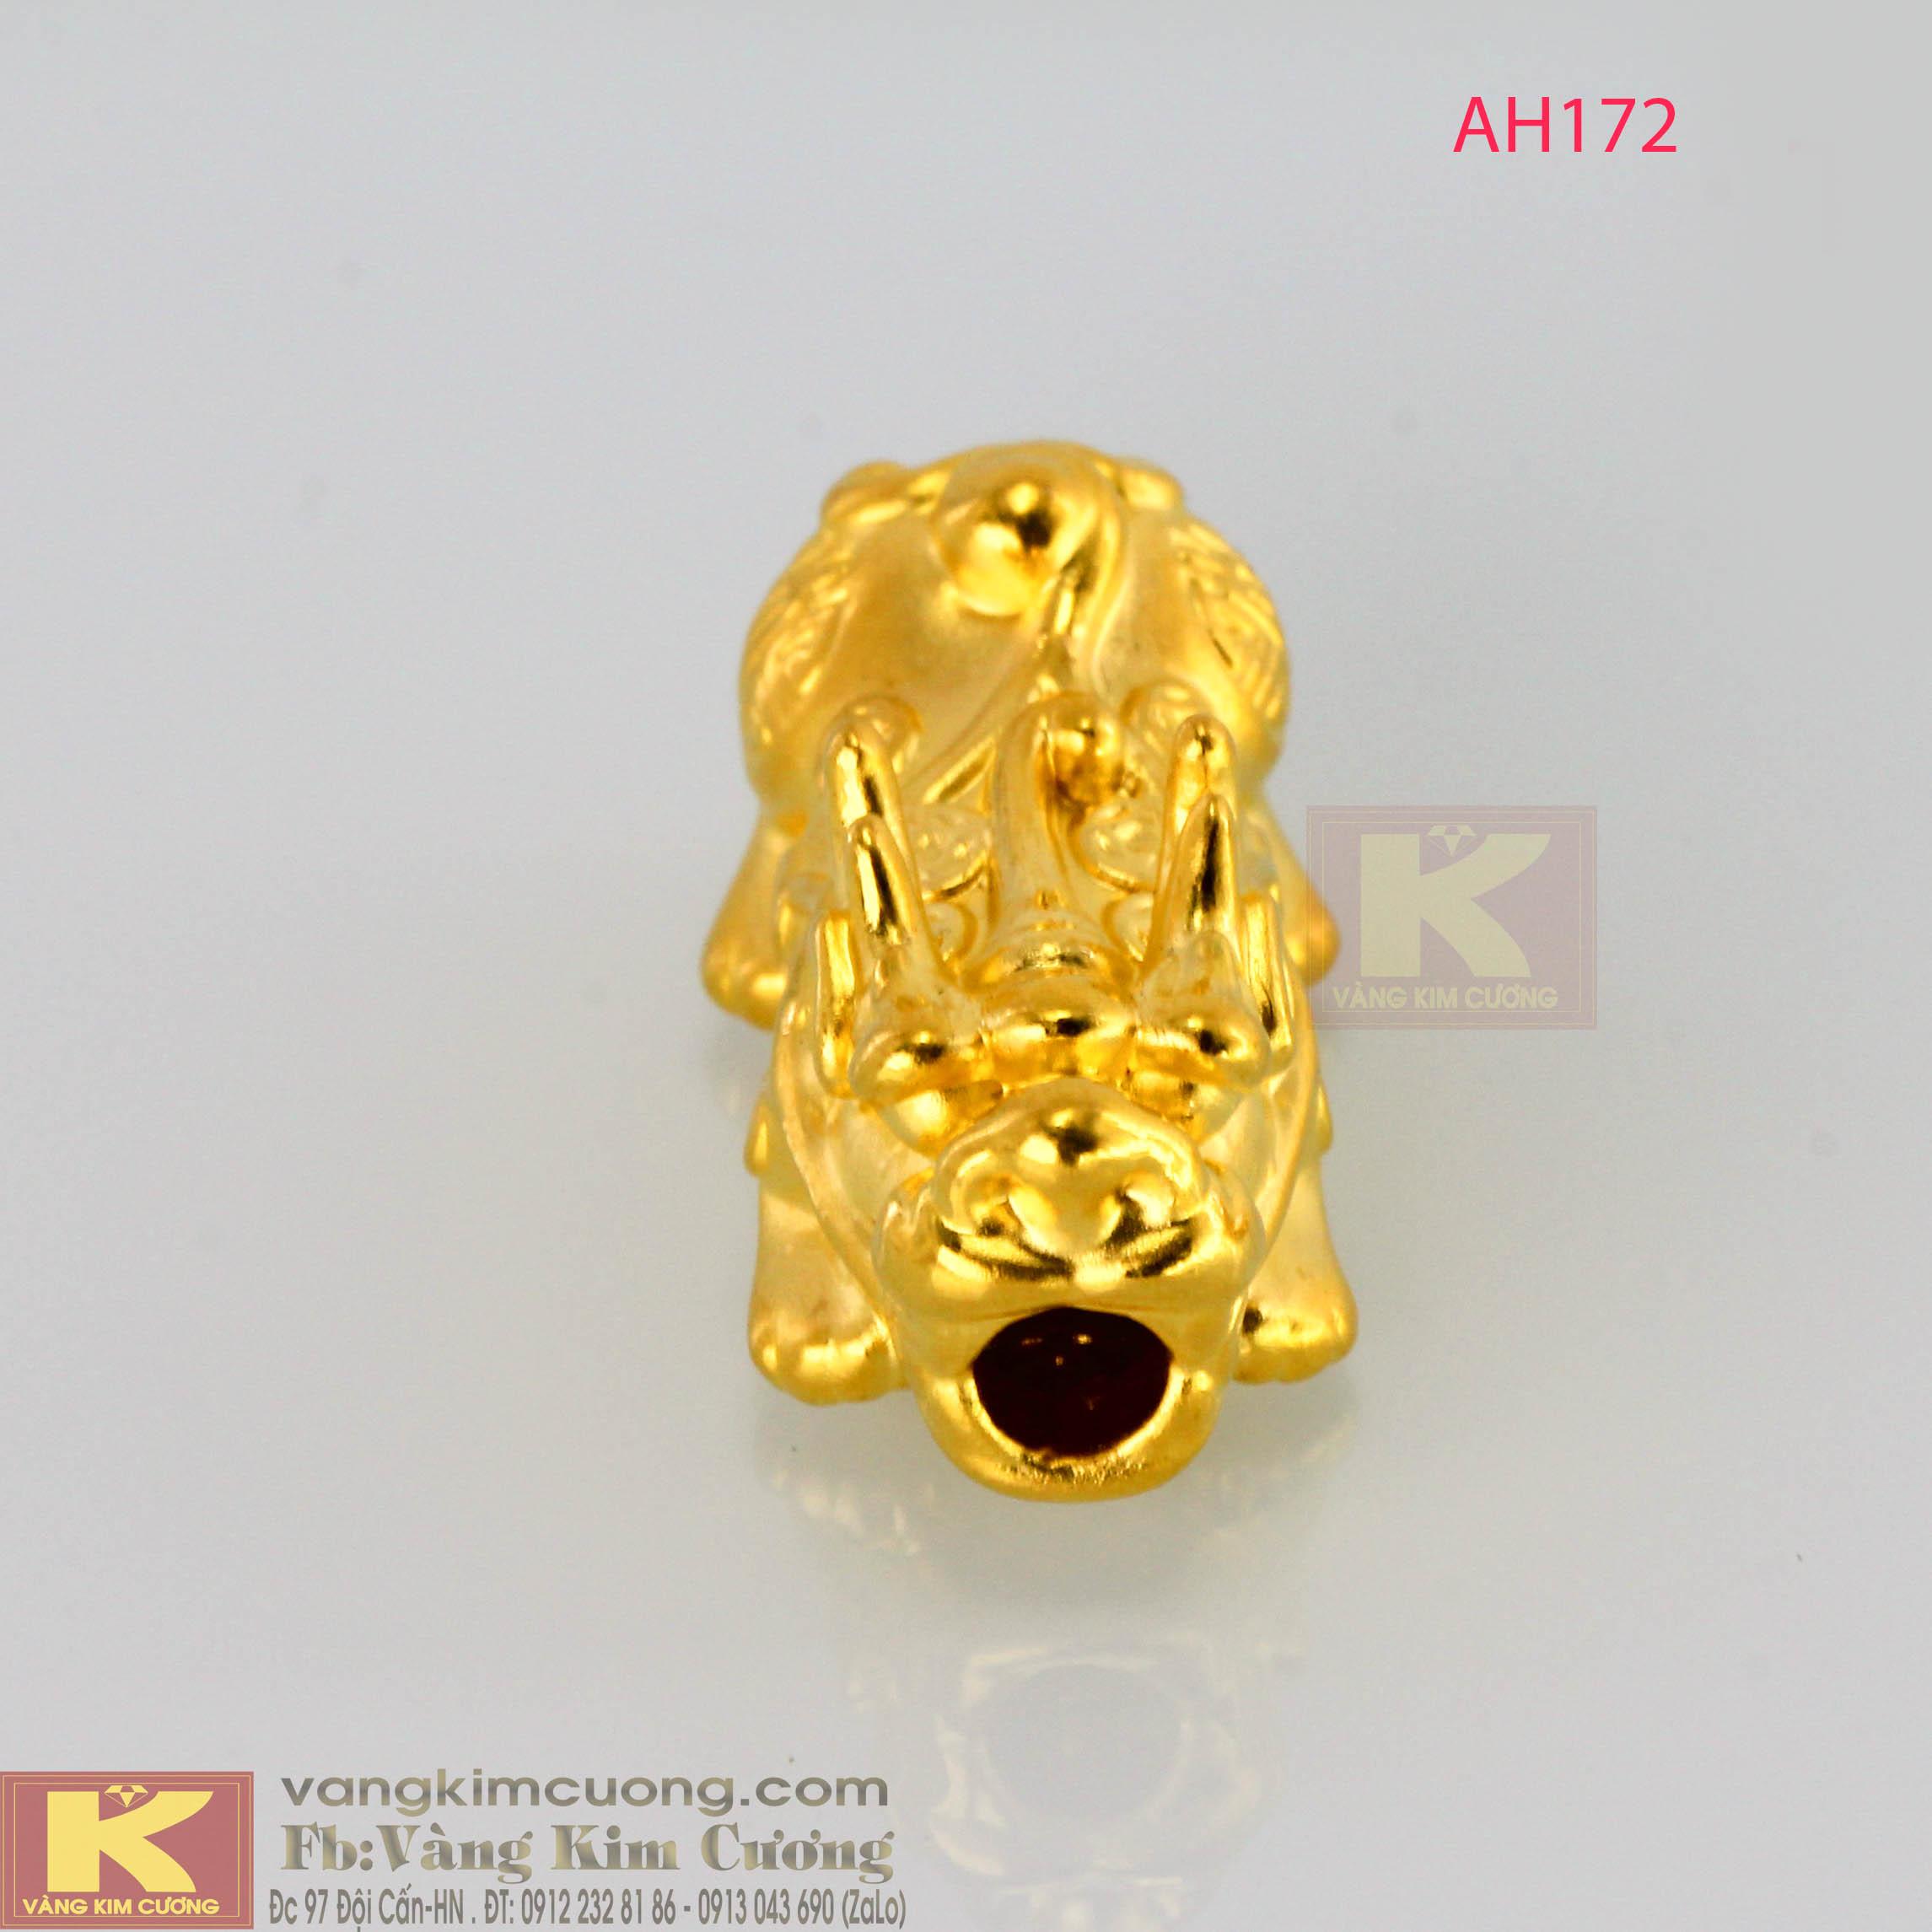 Tỳ hưu chiêu tài, tích lộc vàng 24k mã AH172